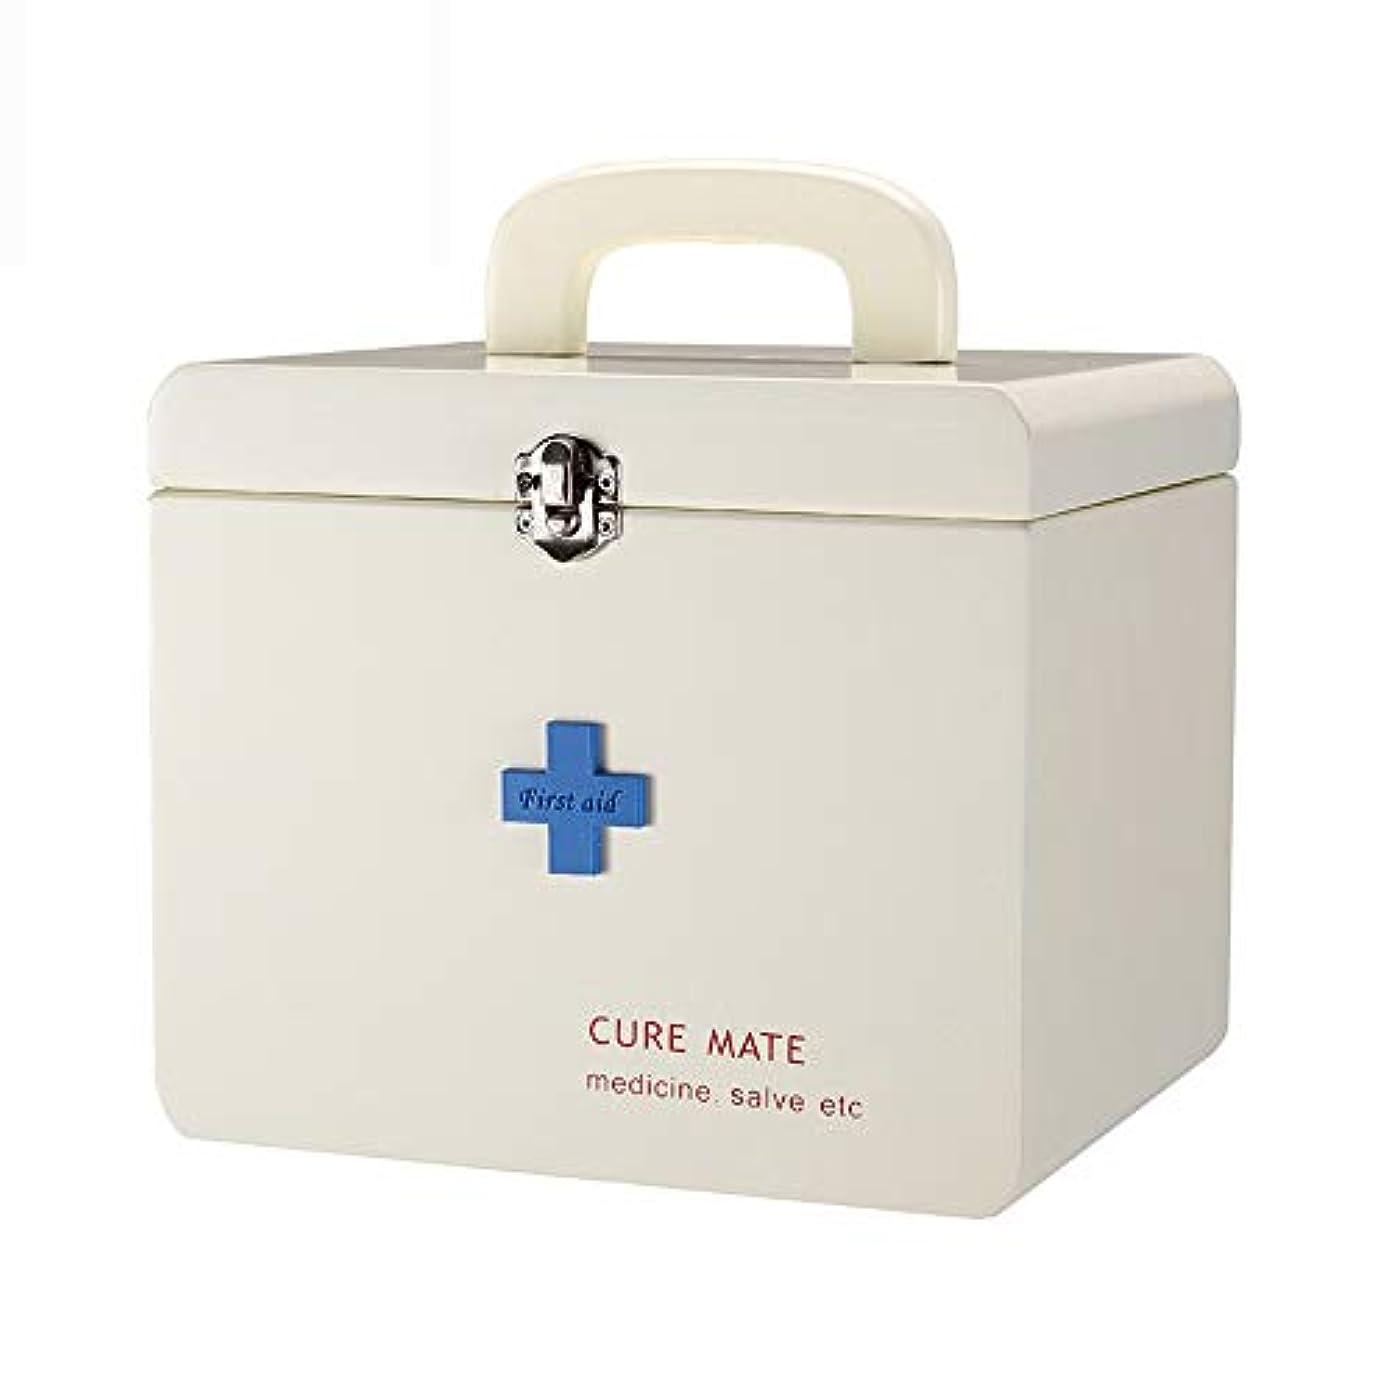 ドラッグ収納ボックス 医療ボックス - MDF材料、シンプルな木製の二重層の層収納ポータブルポータブル耐久性のある環境保護非毒性の安全性、家庭用薬ボックス健康ボックス薬収納ボックス、オフィススクール緊急医療キット医療ボックス...